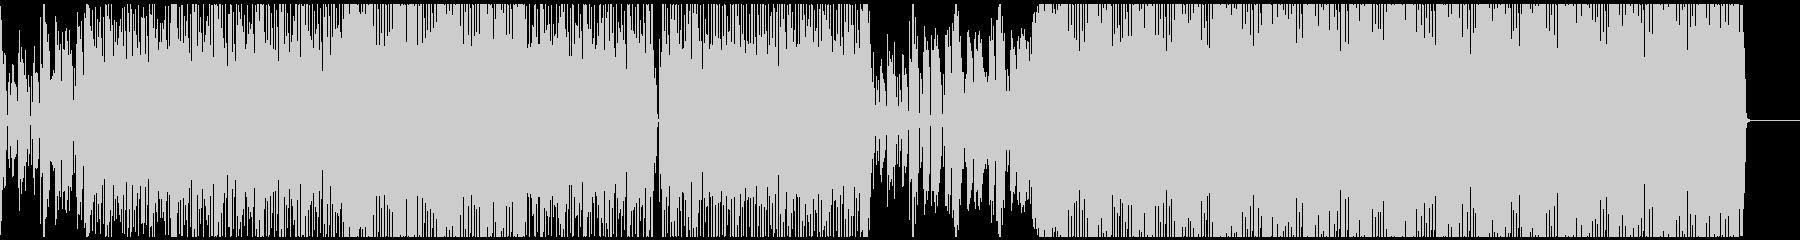 ピアノと不思議ボイスがオシャレなハウス曲の未再生の波形